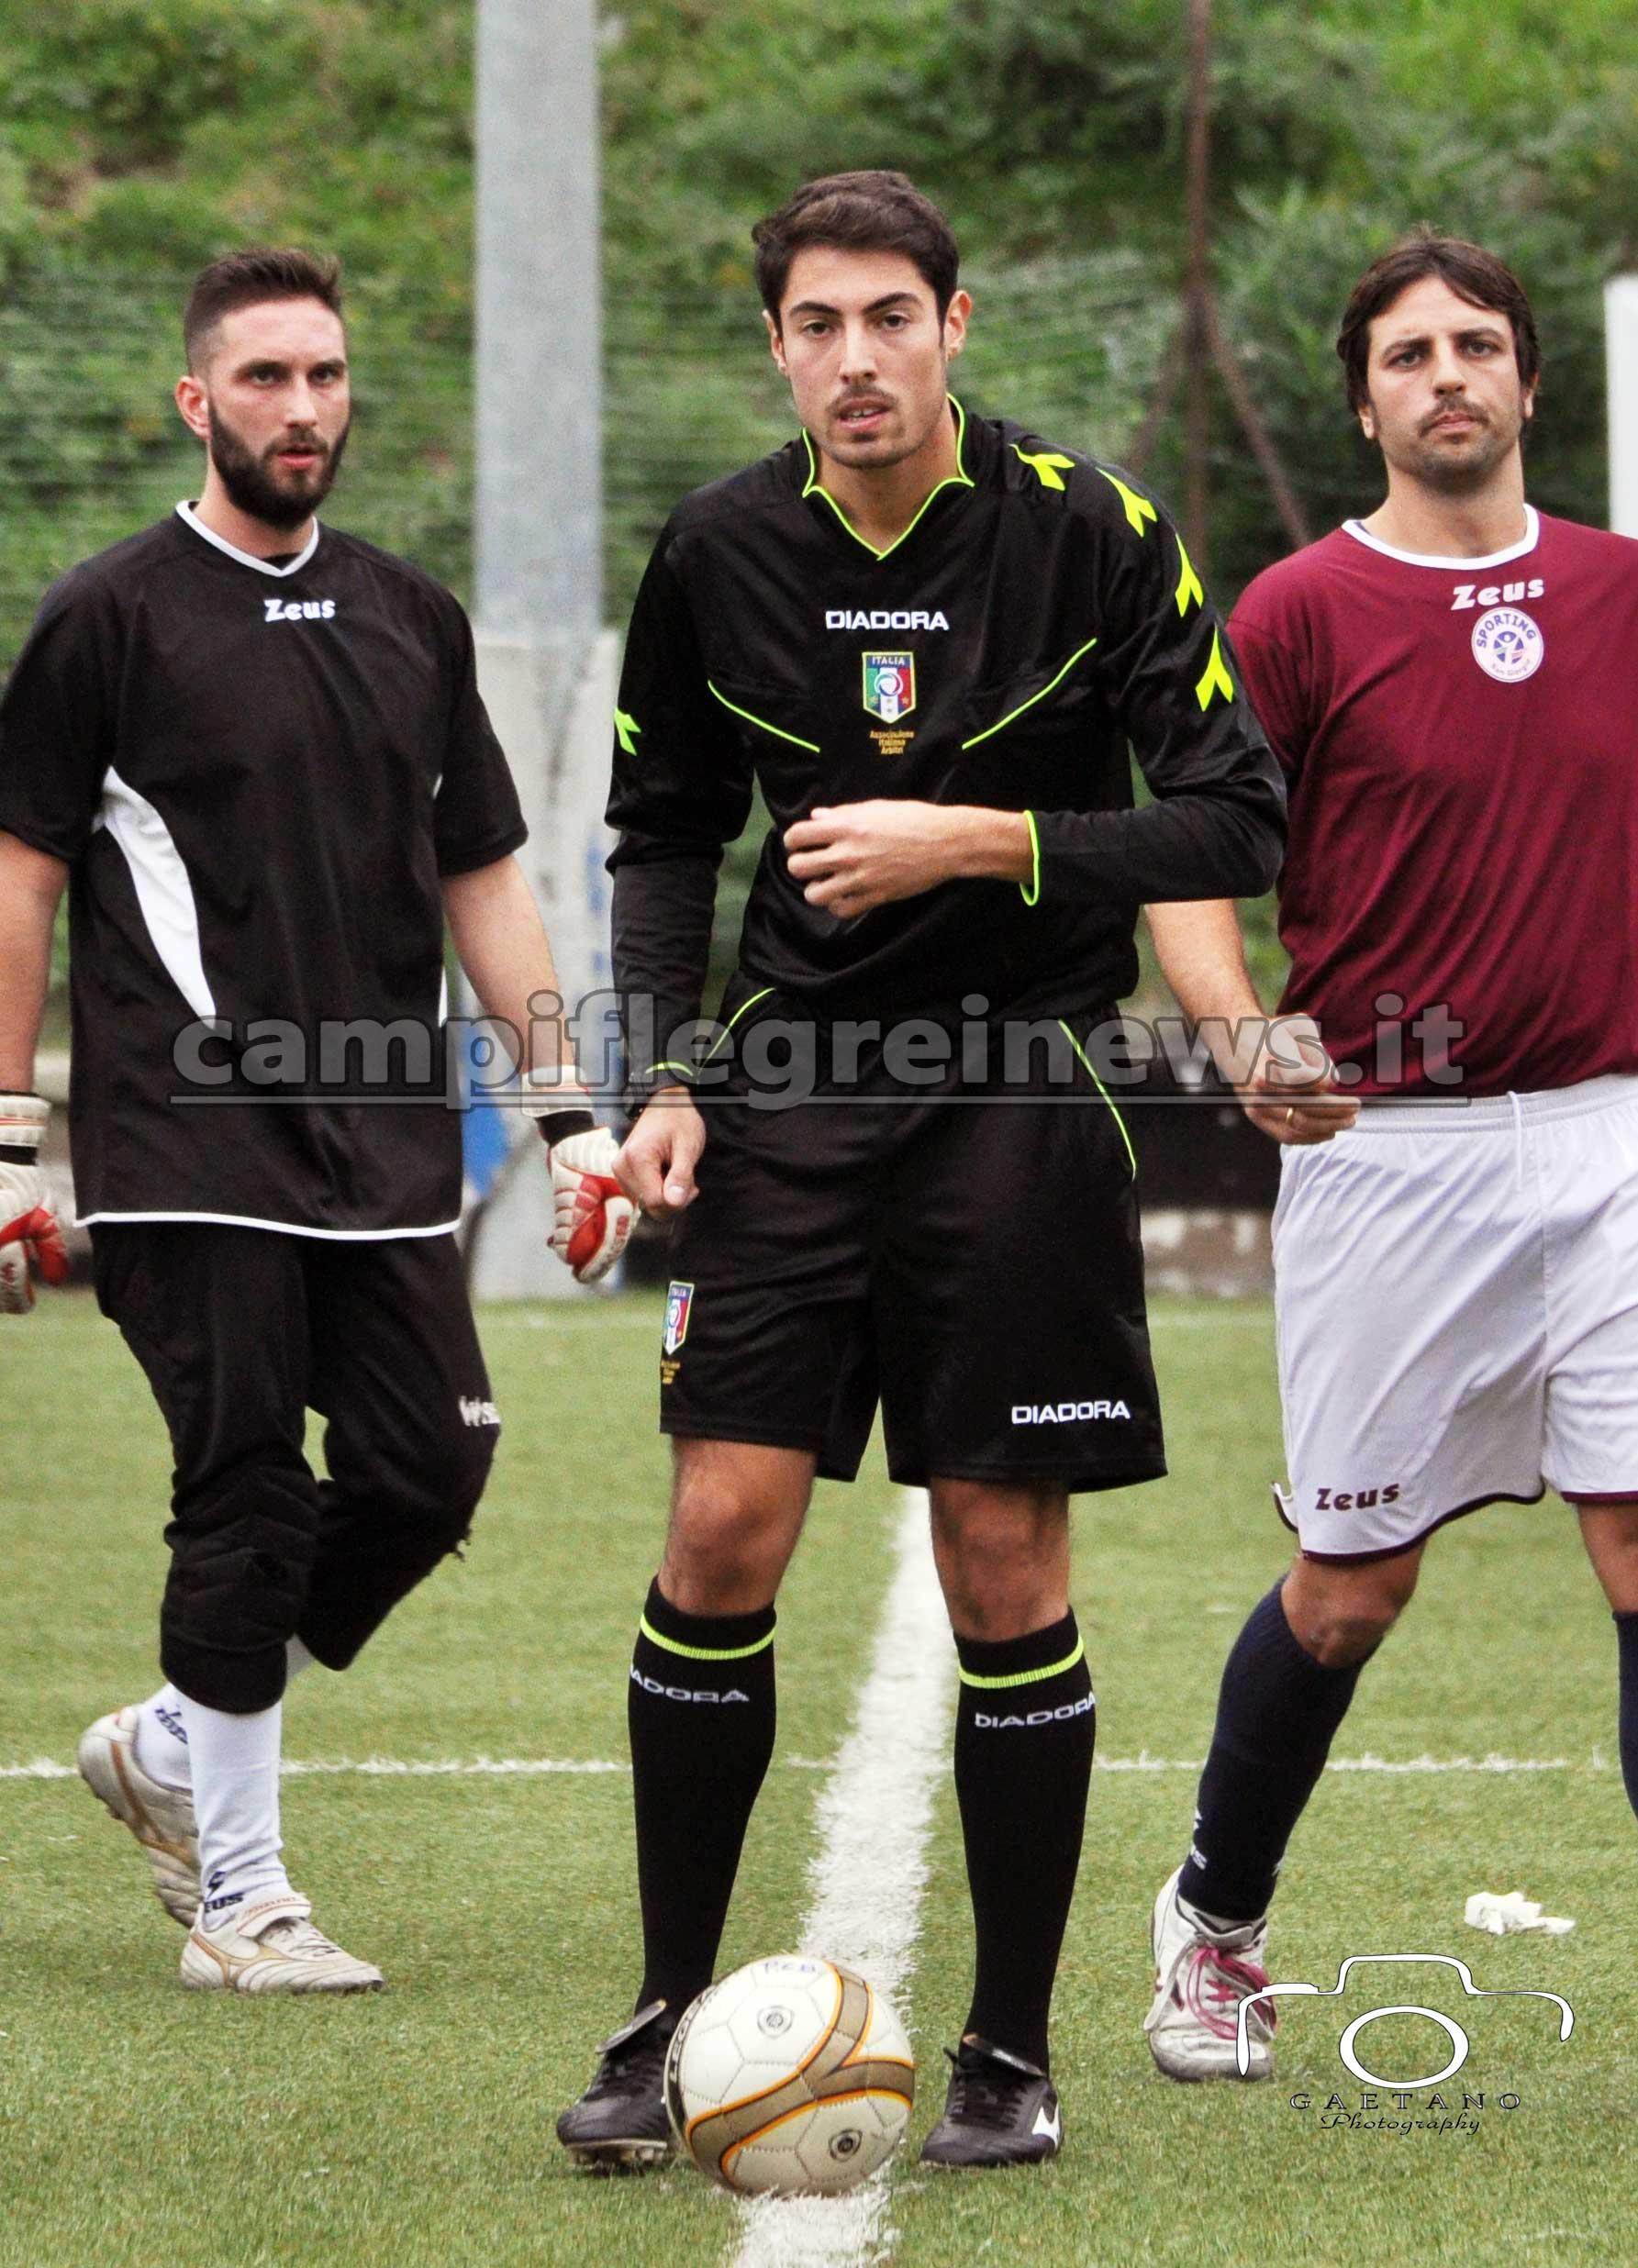 Pro Calcio Bacoli-San Giorgio - arbitro di Pozzuoli